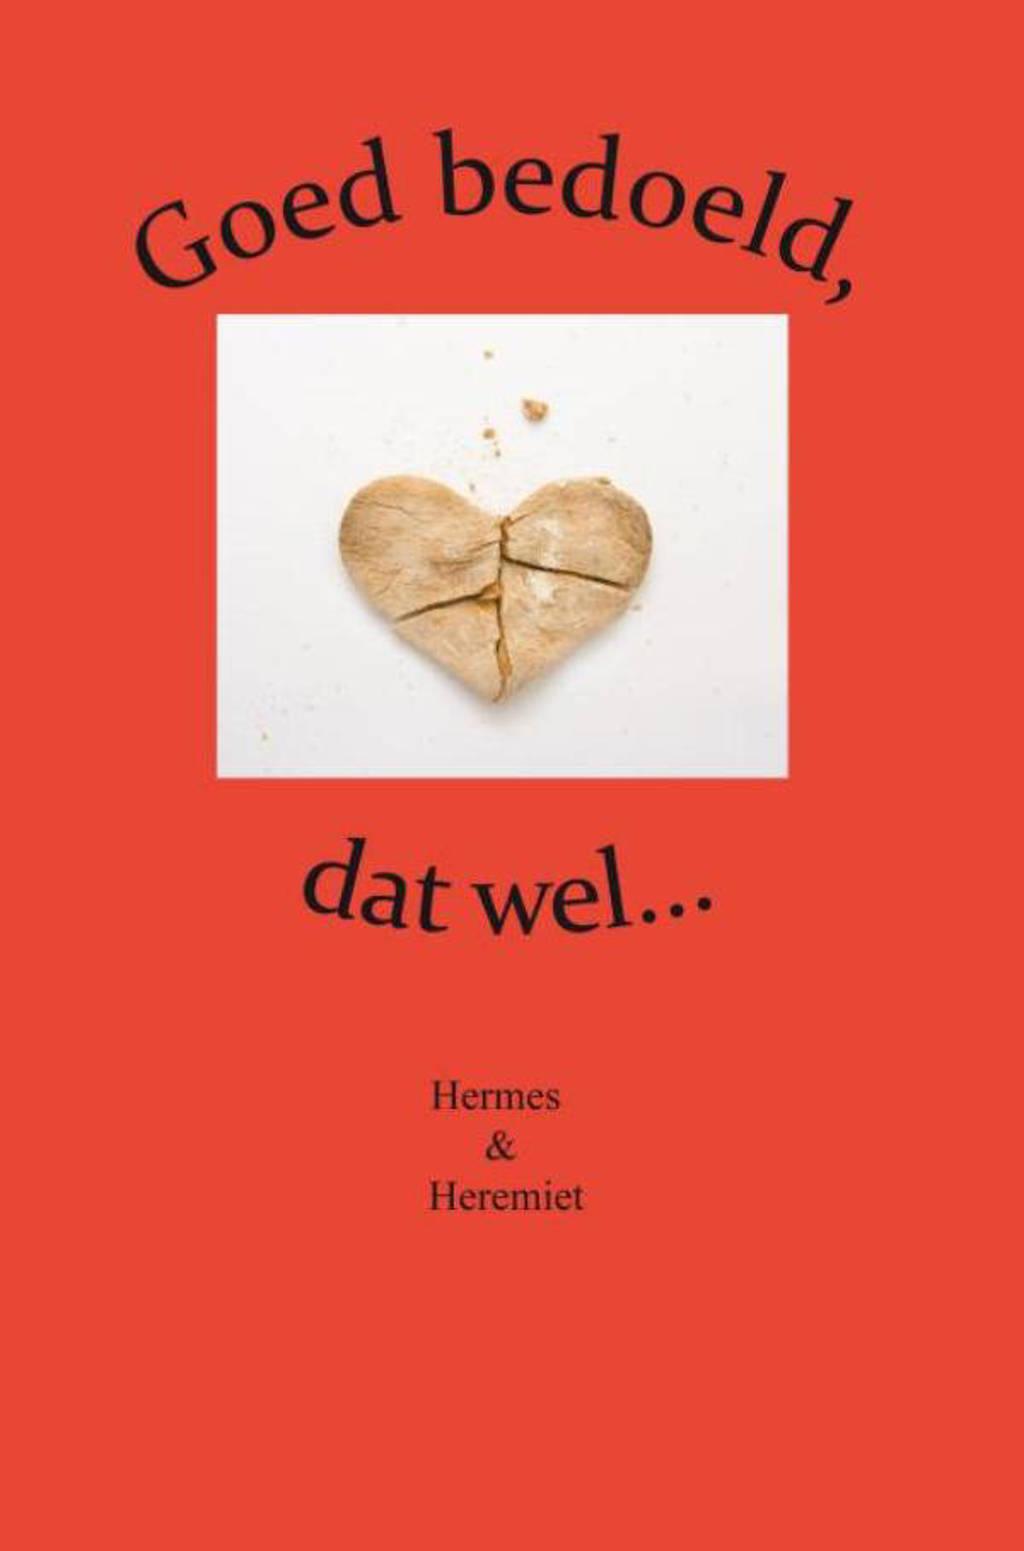 Goed bedoeld, dat wel... - Hermes & Heremiet